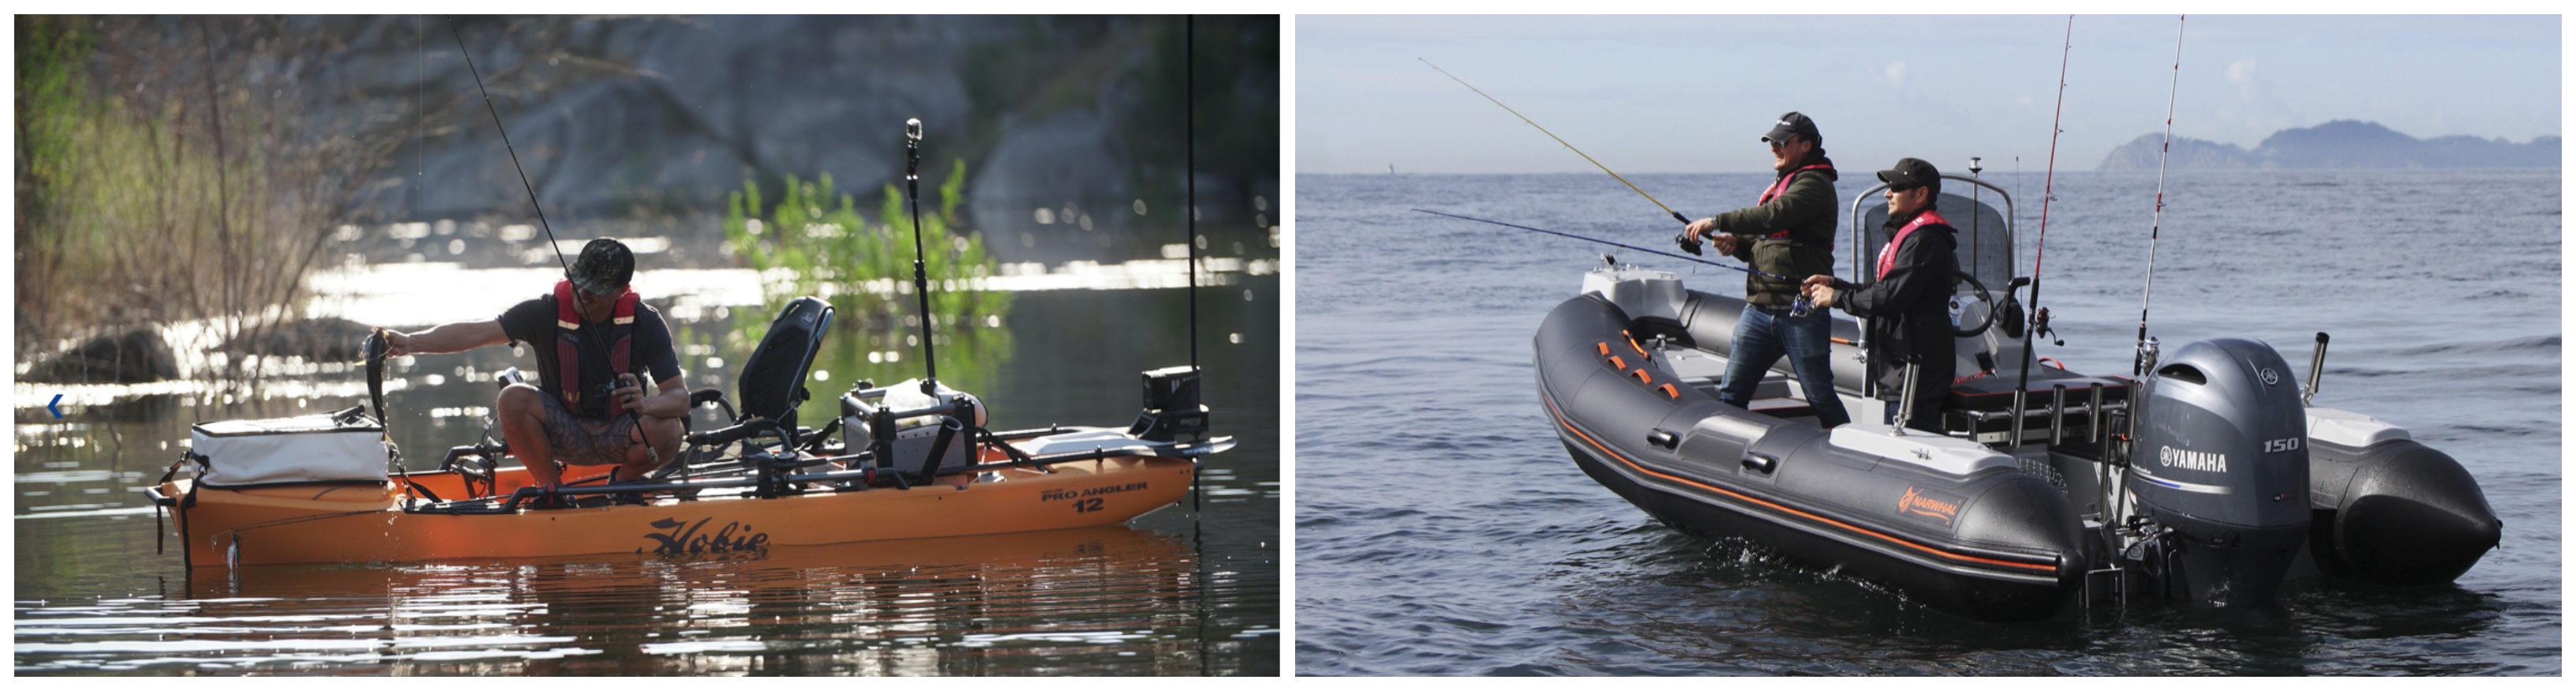 kayak y neumática de pesca